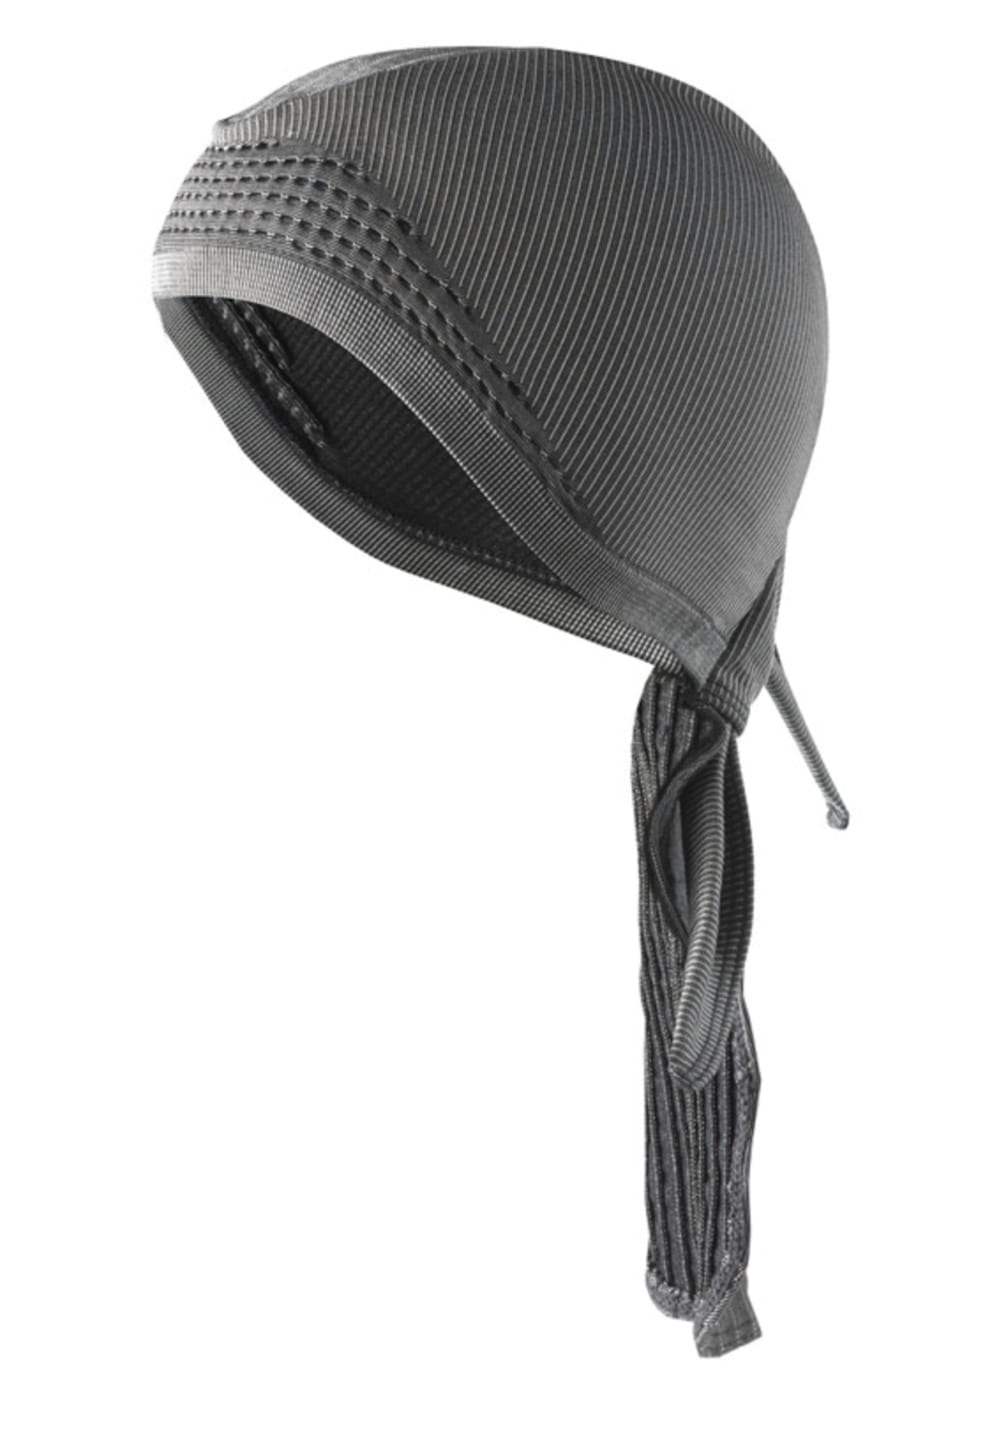 X-Bionic Fennec Bandana Kopfbedeckung - Grau, Gr. 1